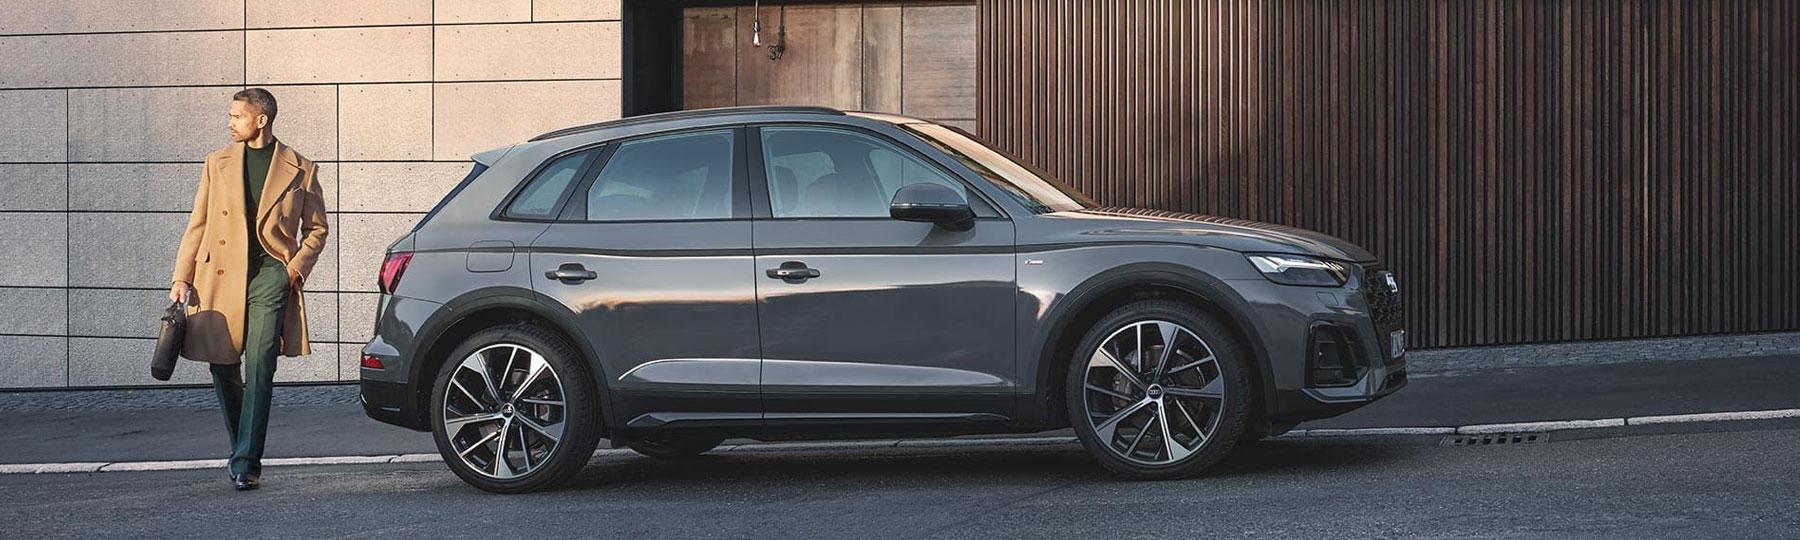 Audi Q5 New Car Offer